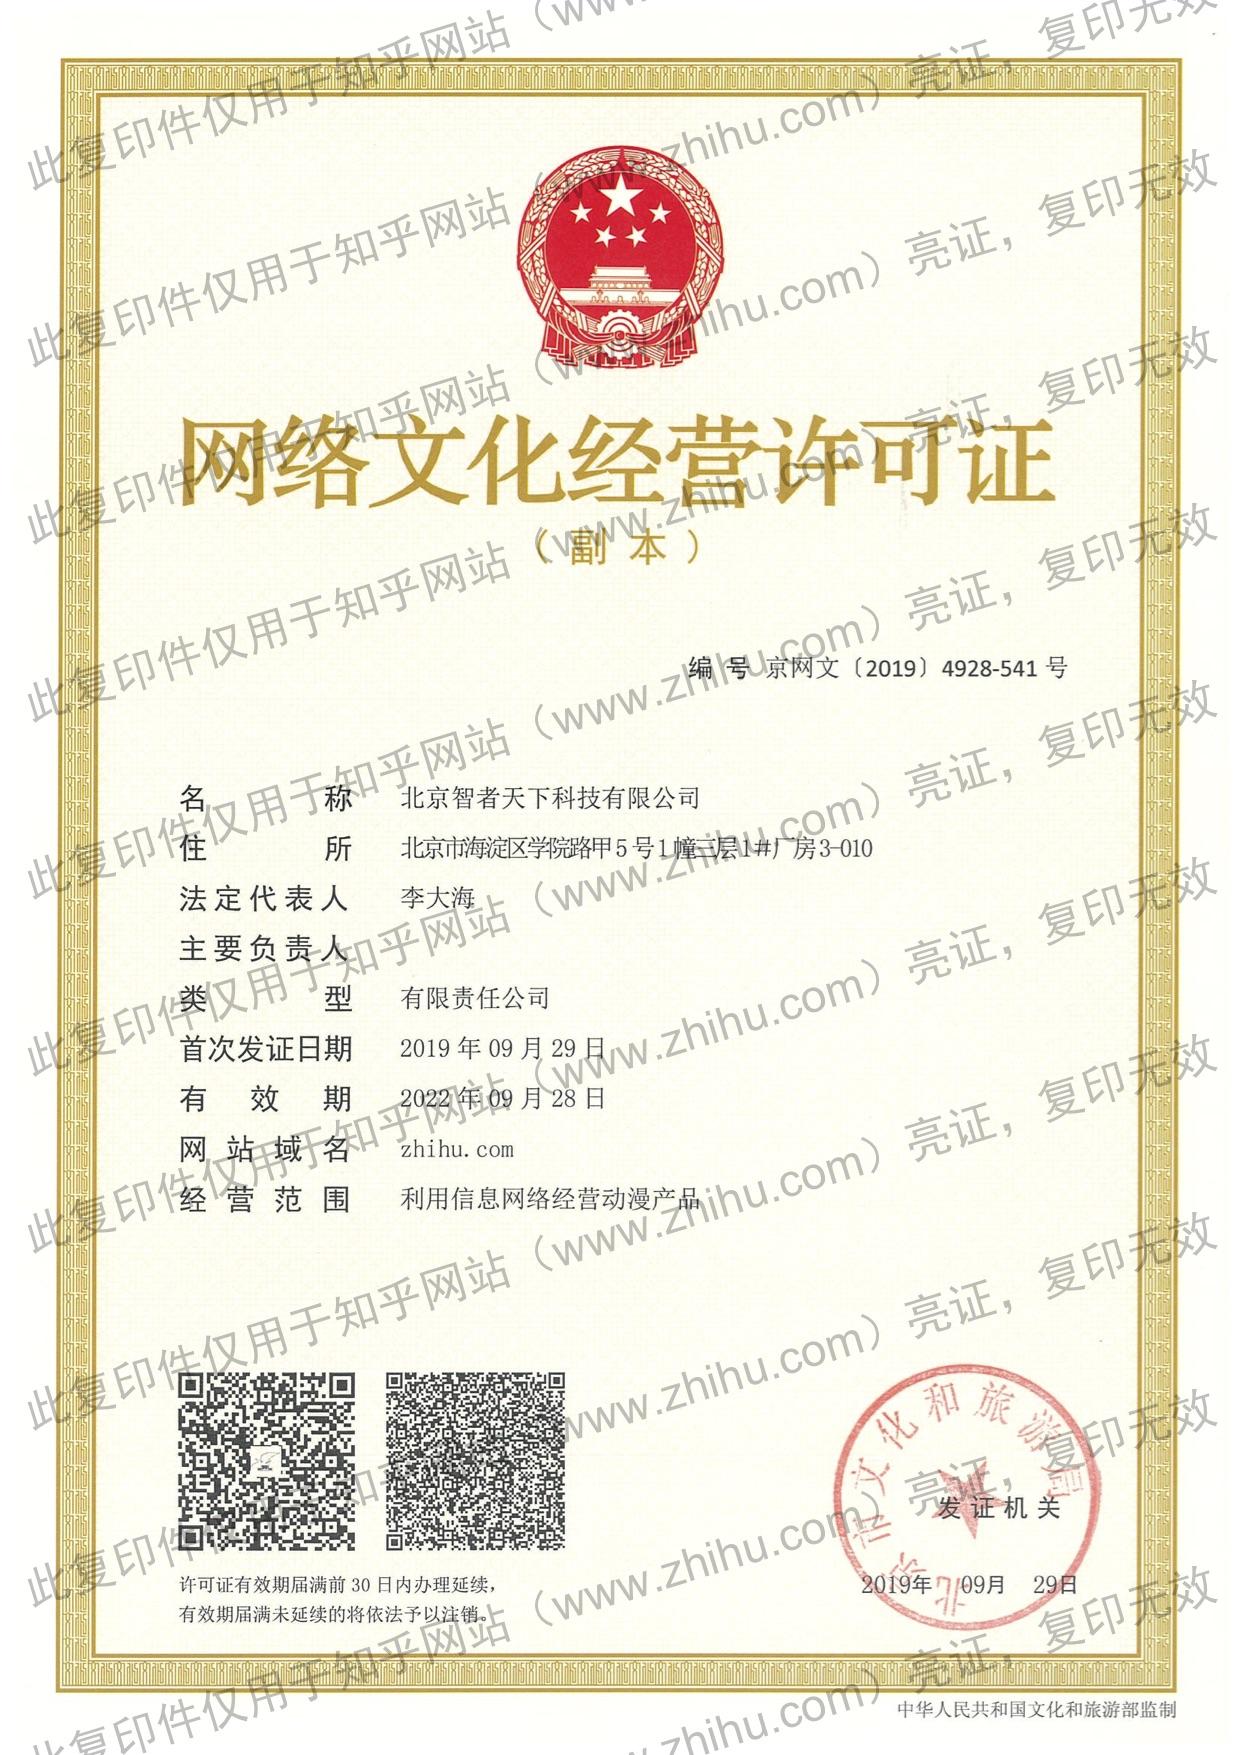 网络学问经营许可证